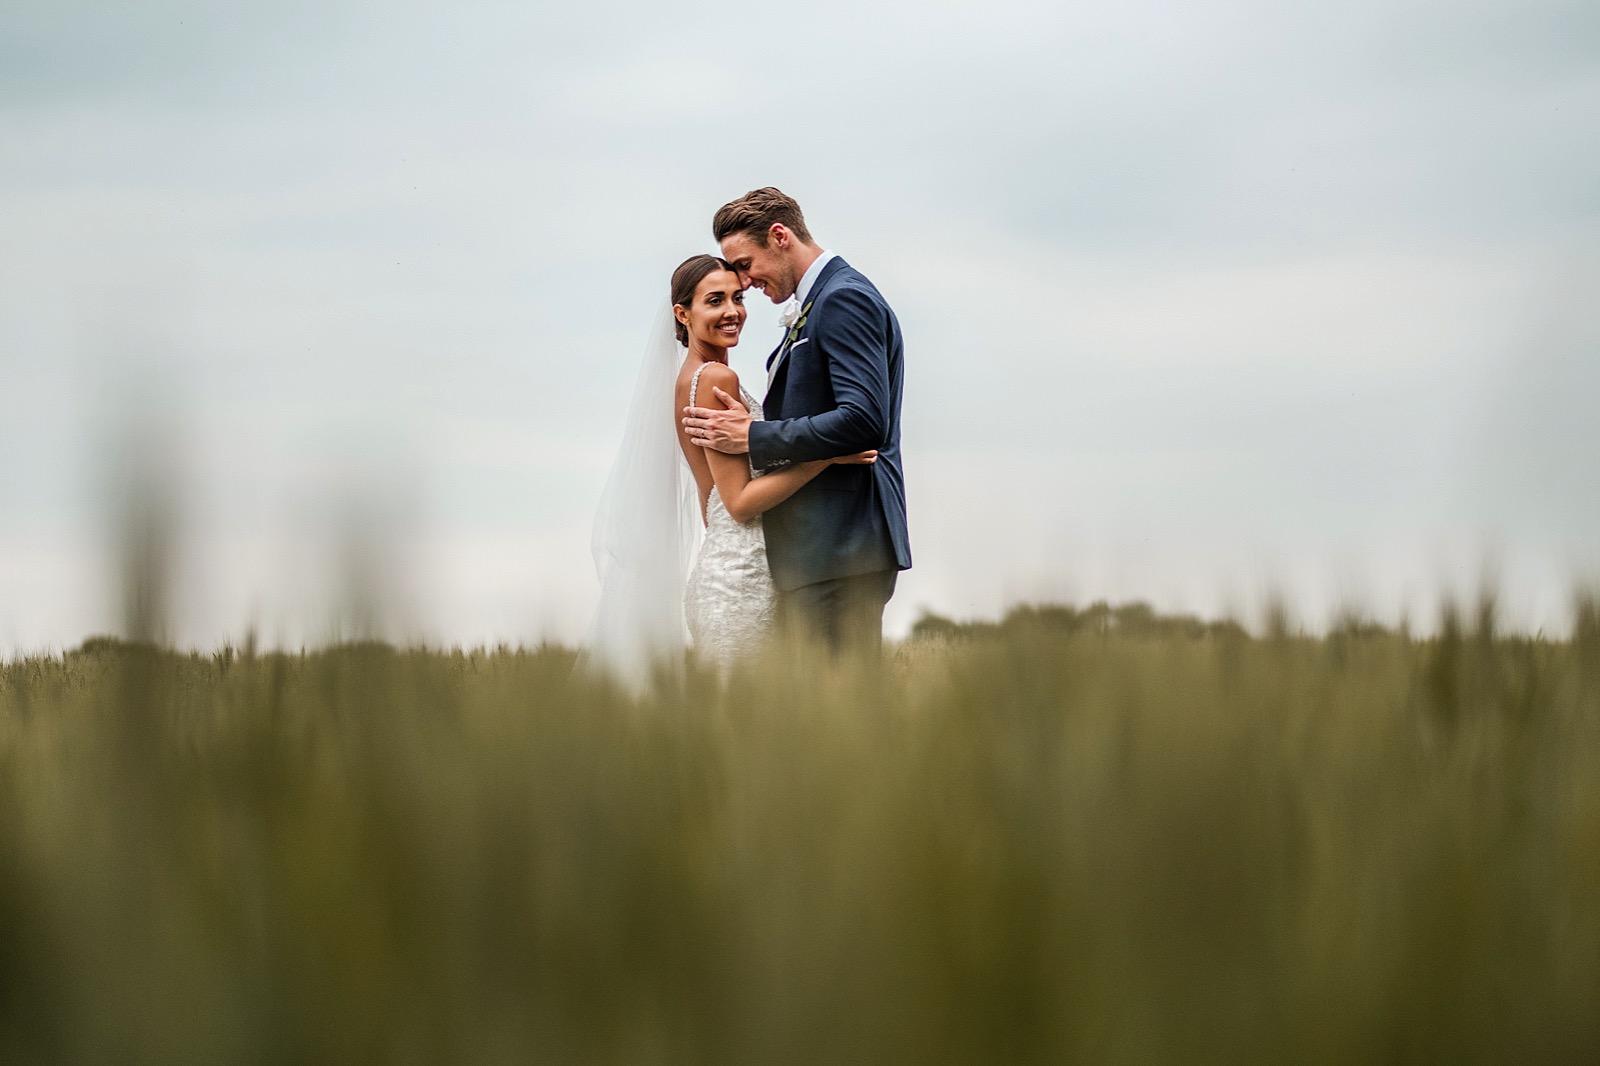 Bride & groom embracing in fields